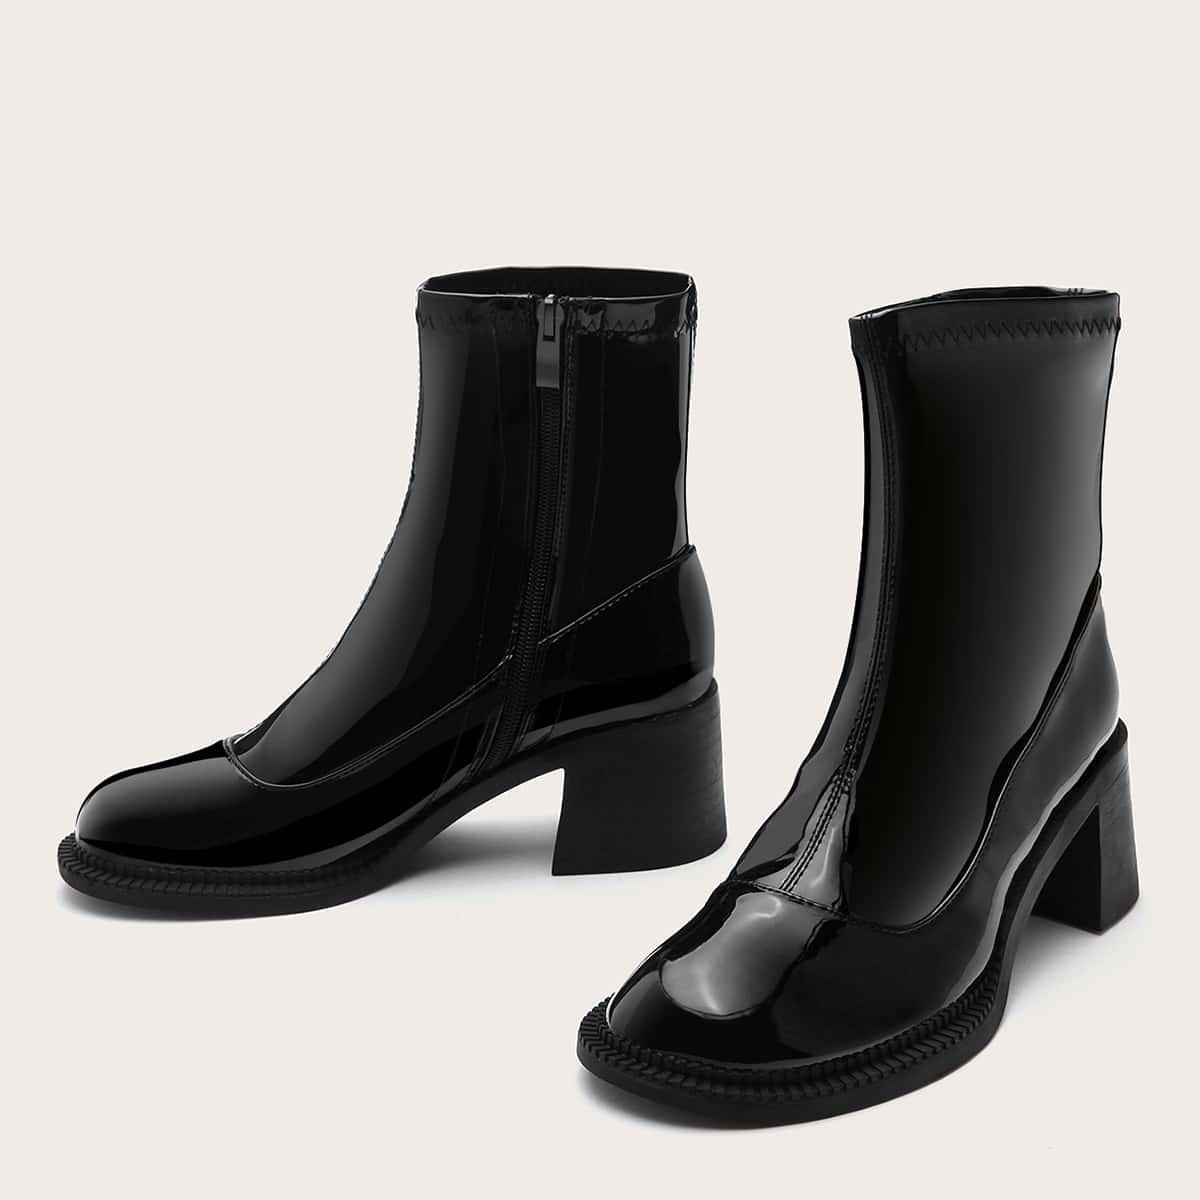 SHEIN / Minimalistische Stiefel mit seitlichem Reißverschluss